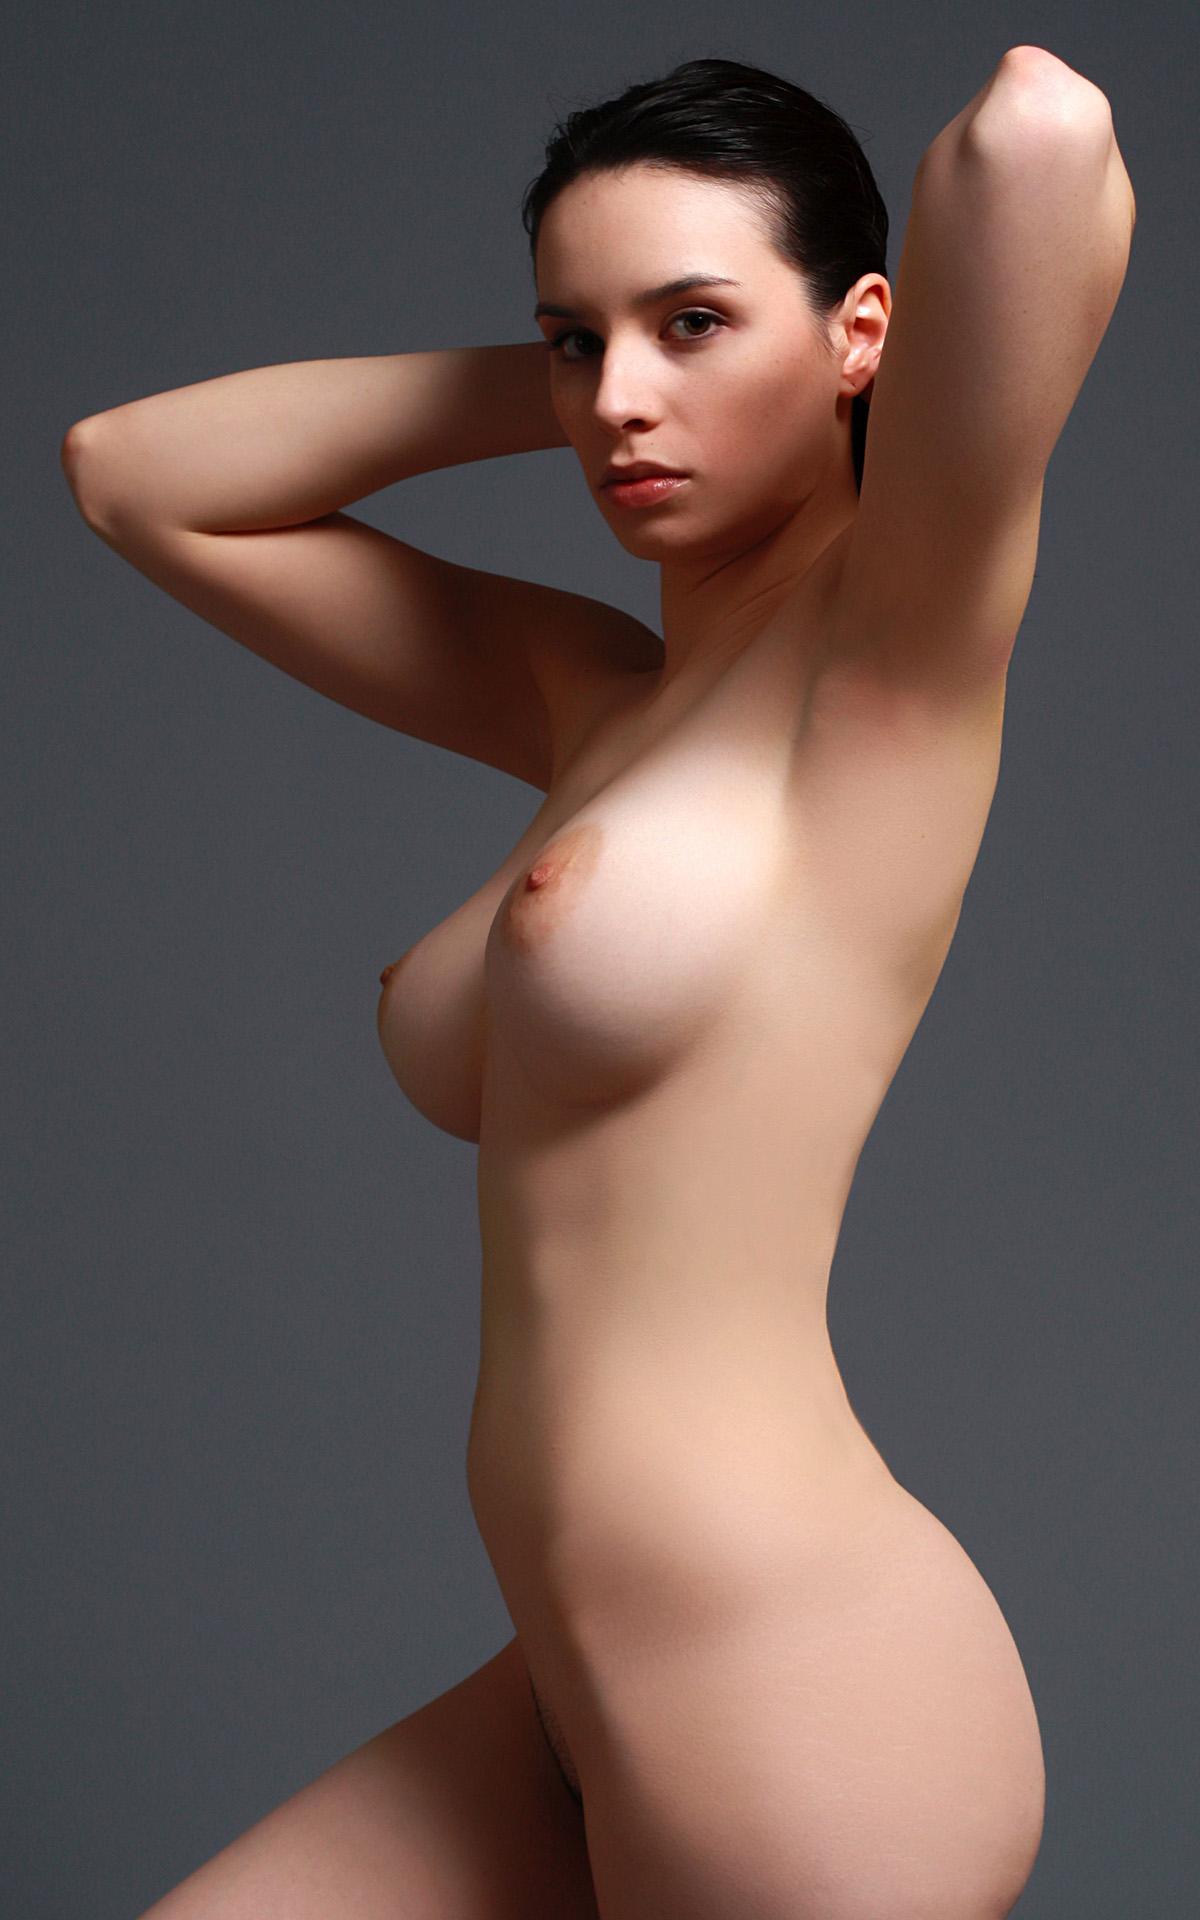 Veiw tits side